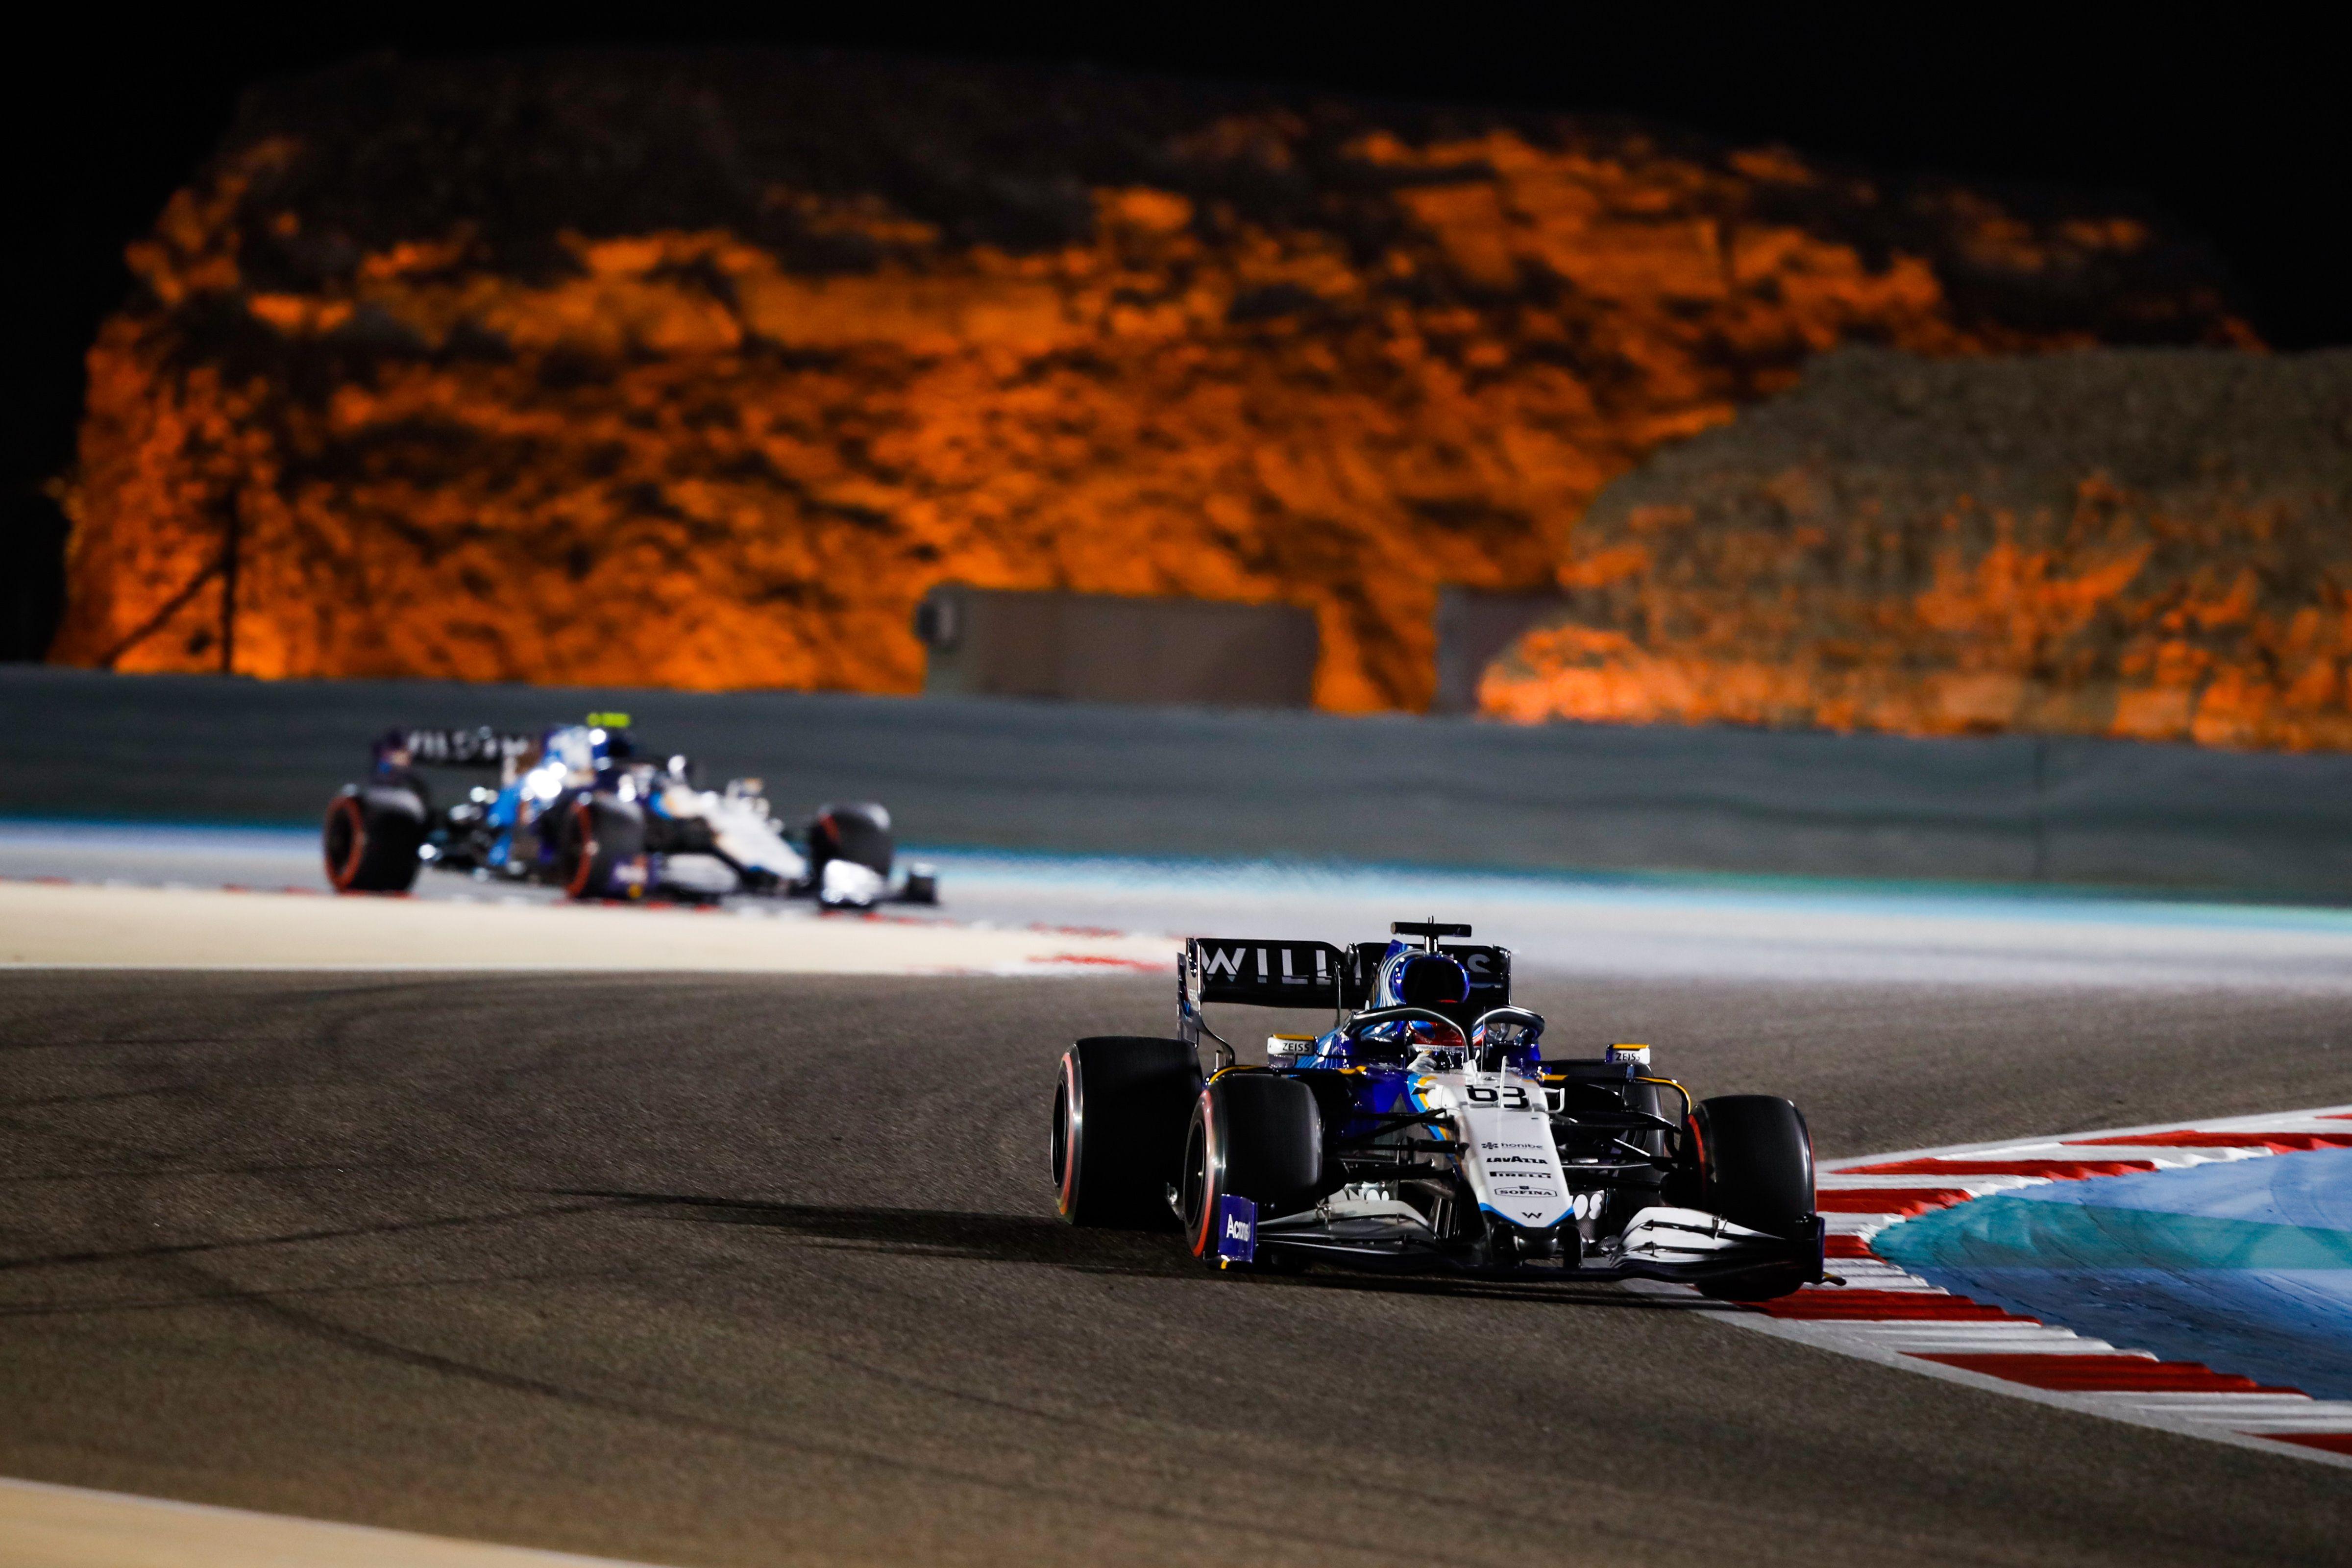 'Гран-при Монако' пройдёт со зрителями